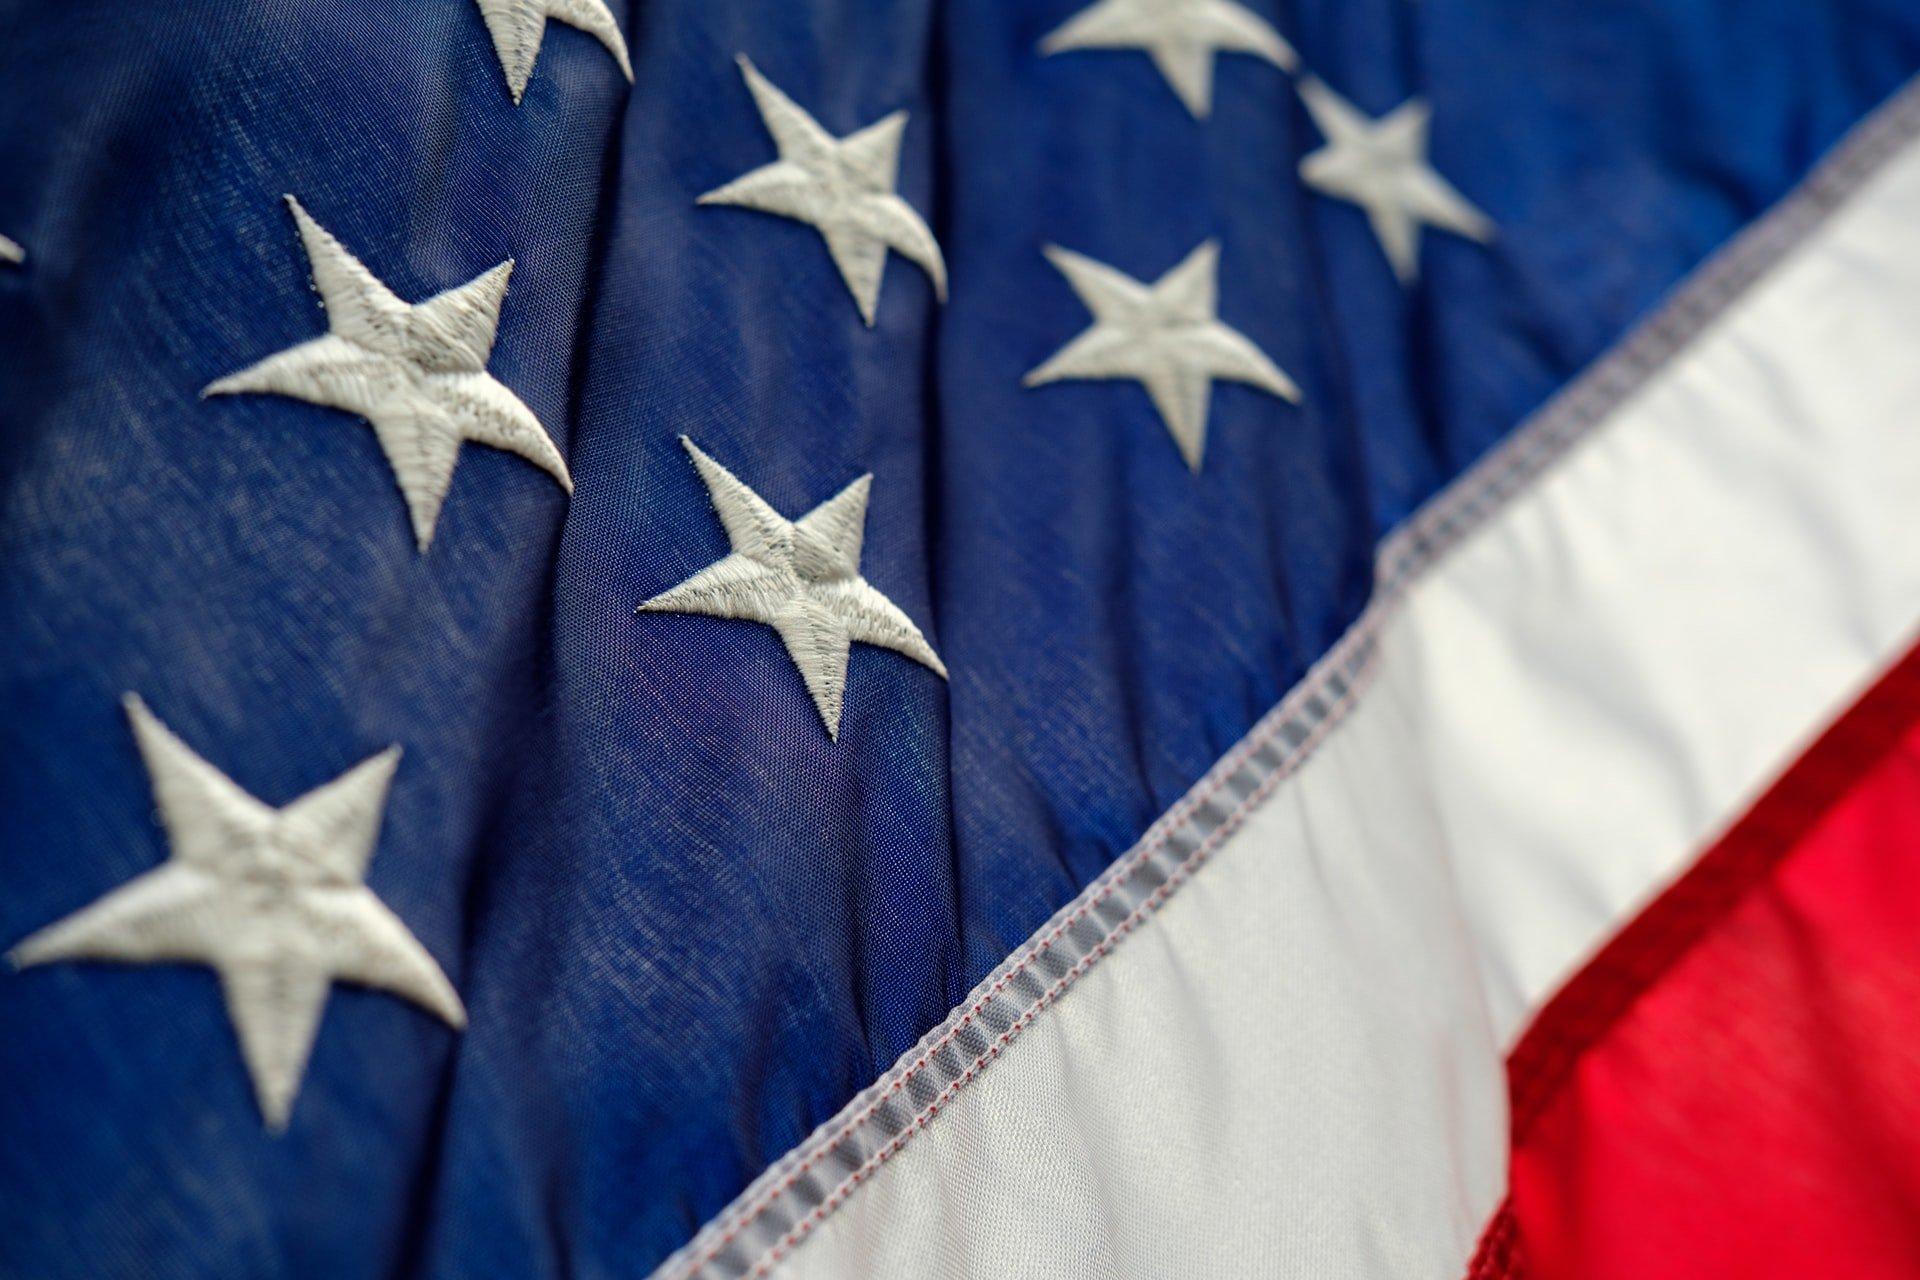 A close up of the USA flag.